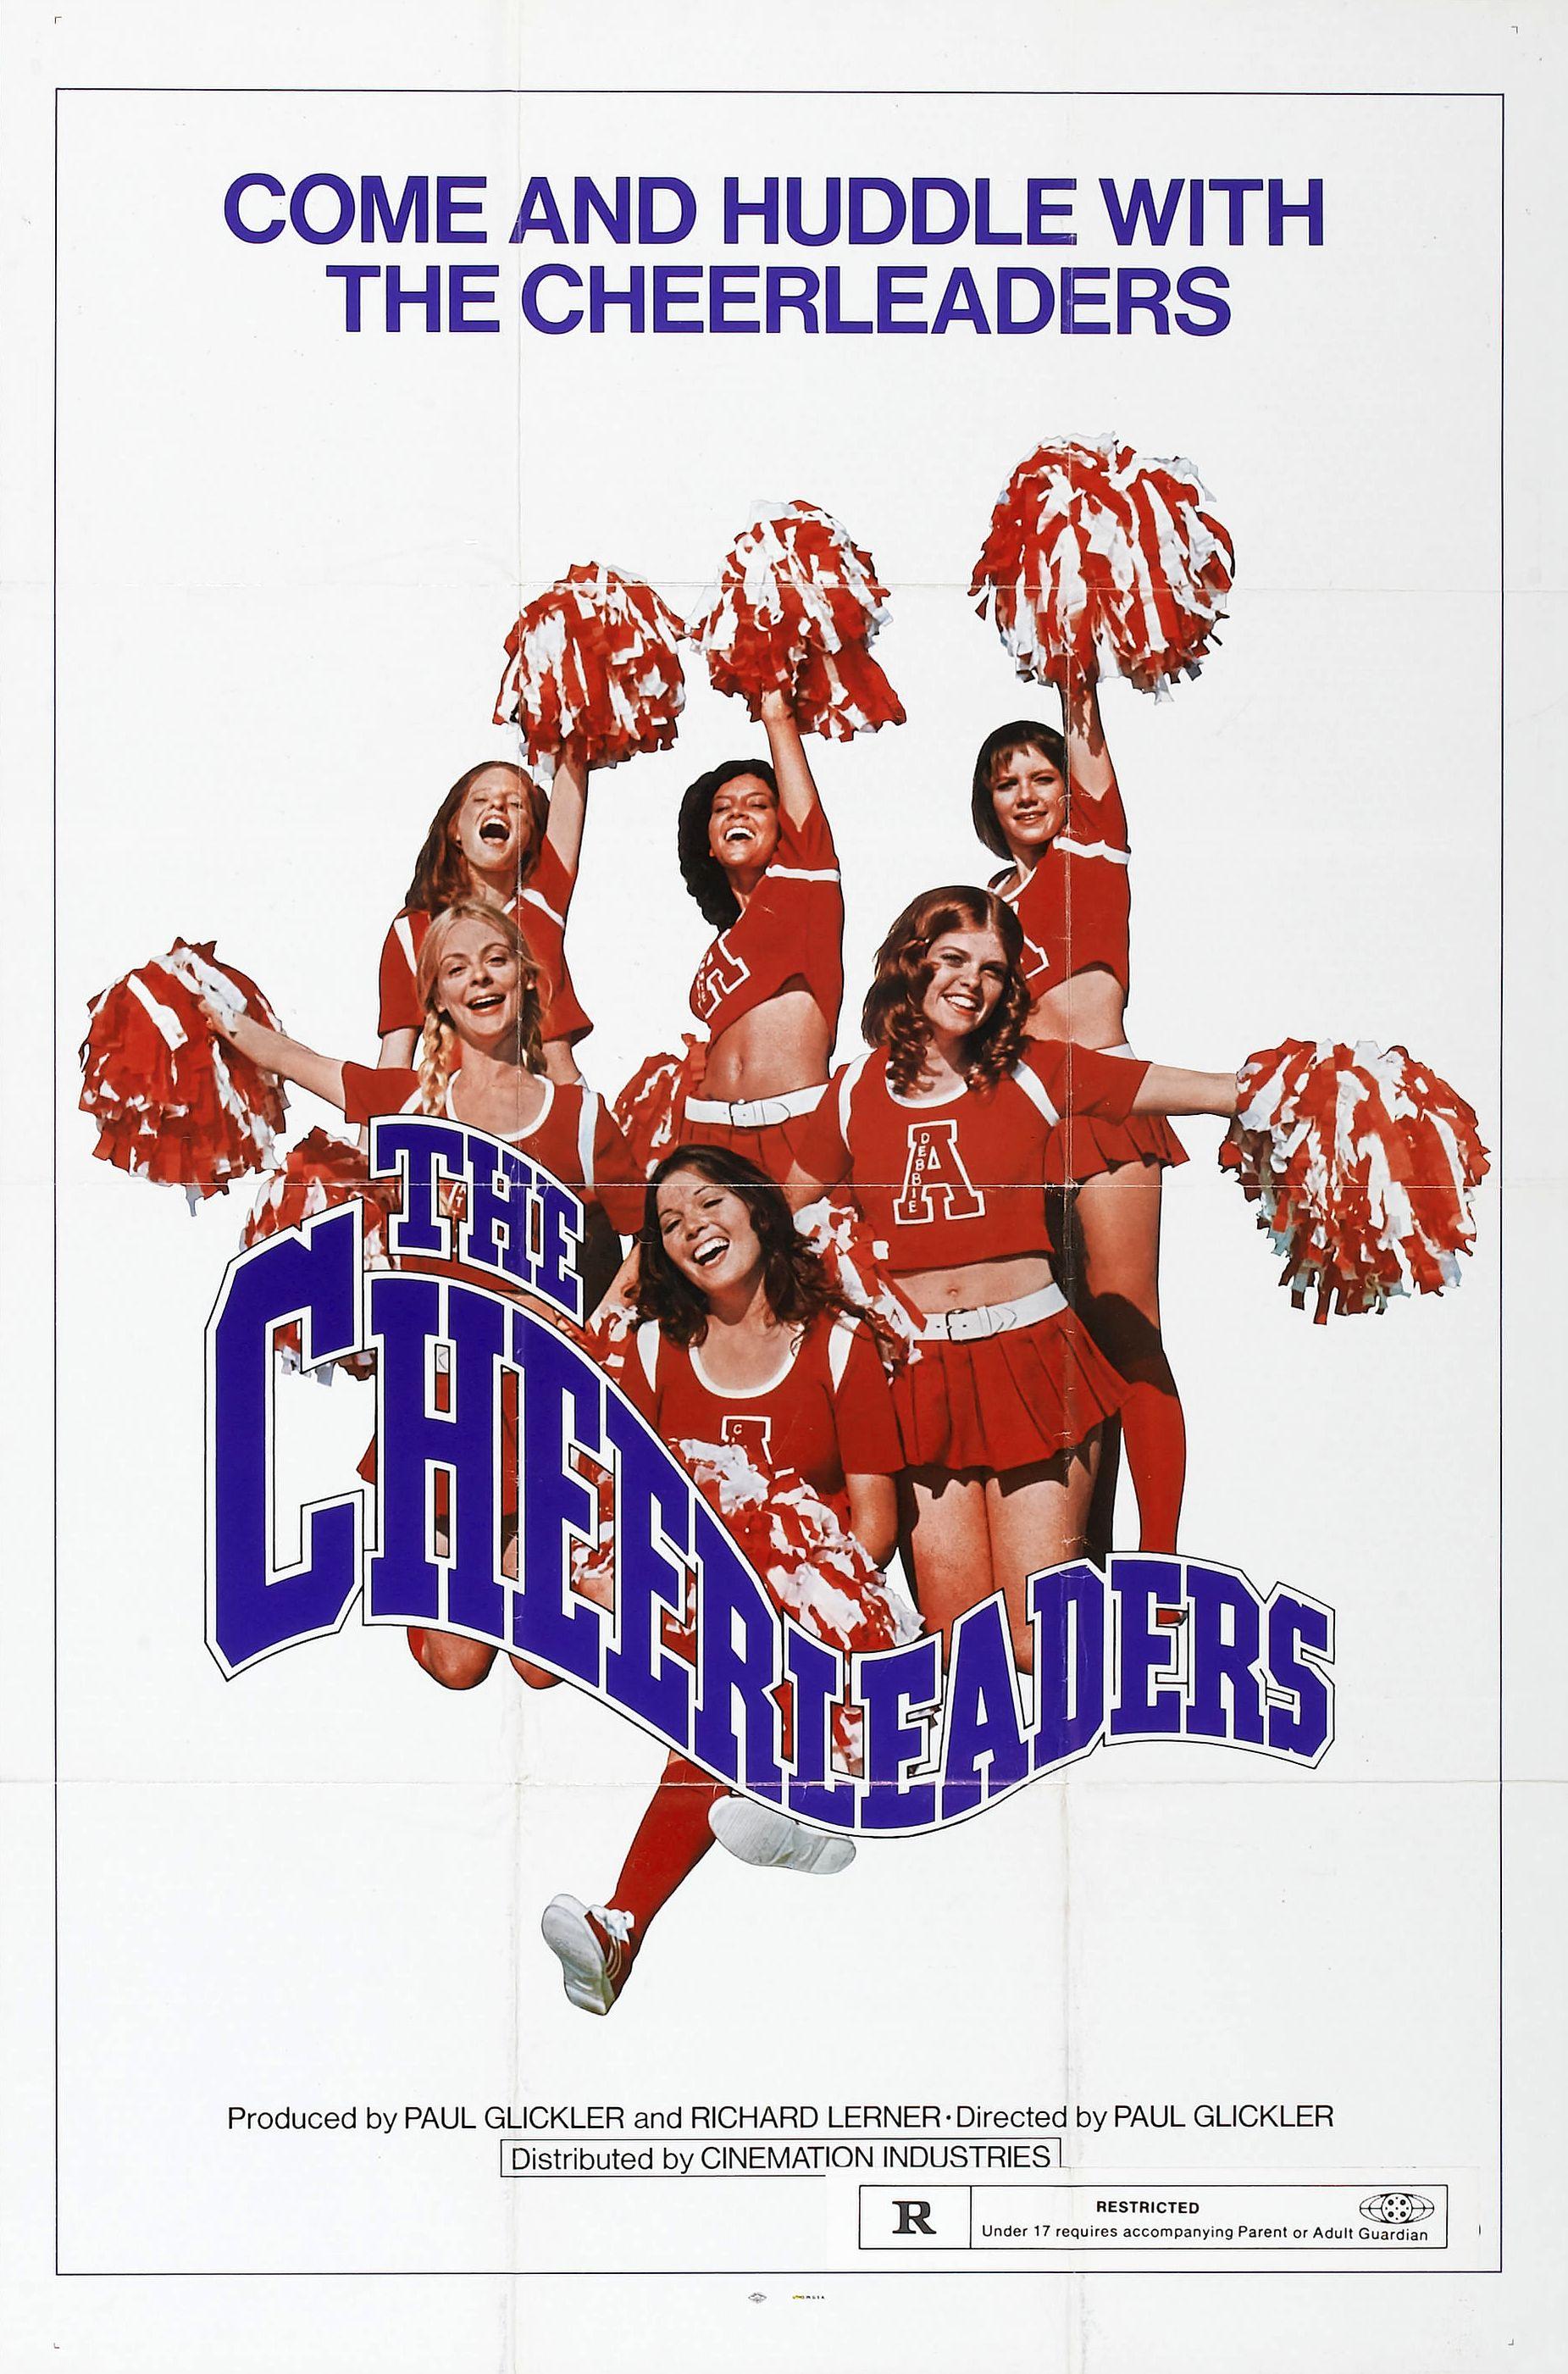 cheerleaders_poster_01.jpg